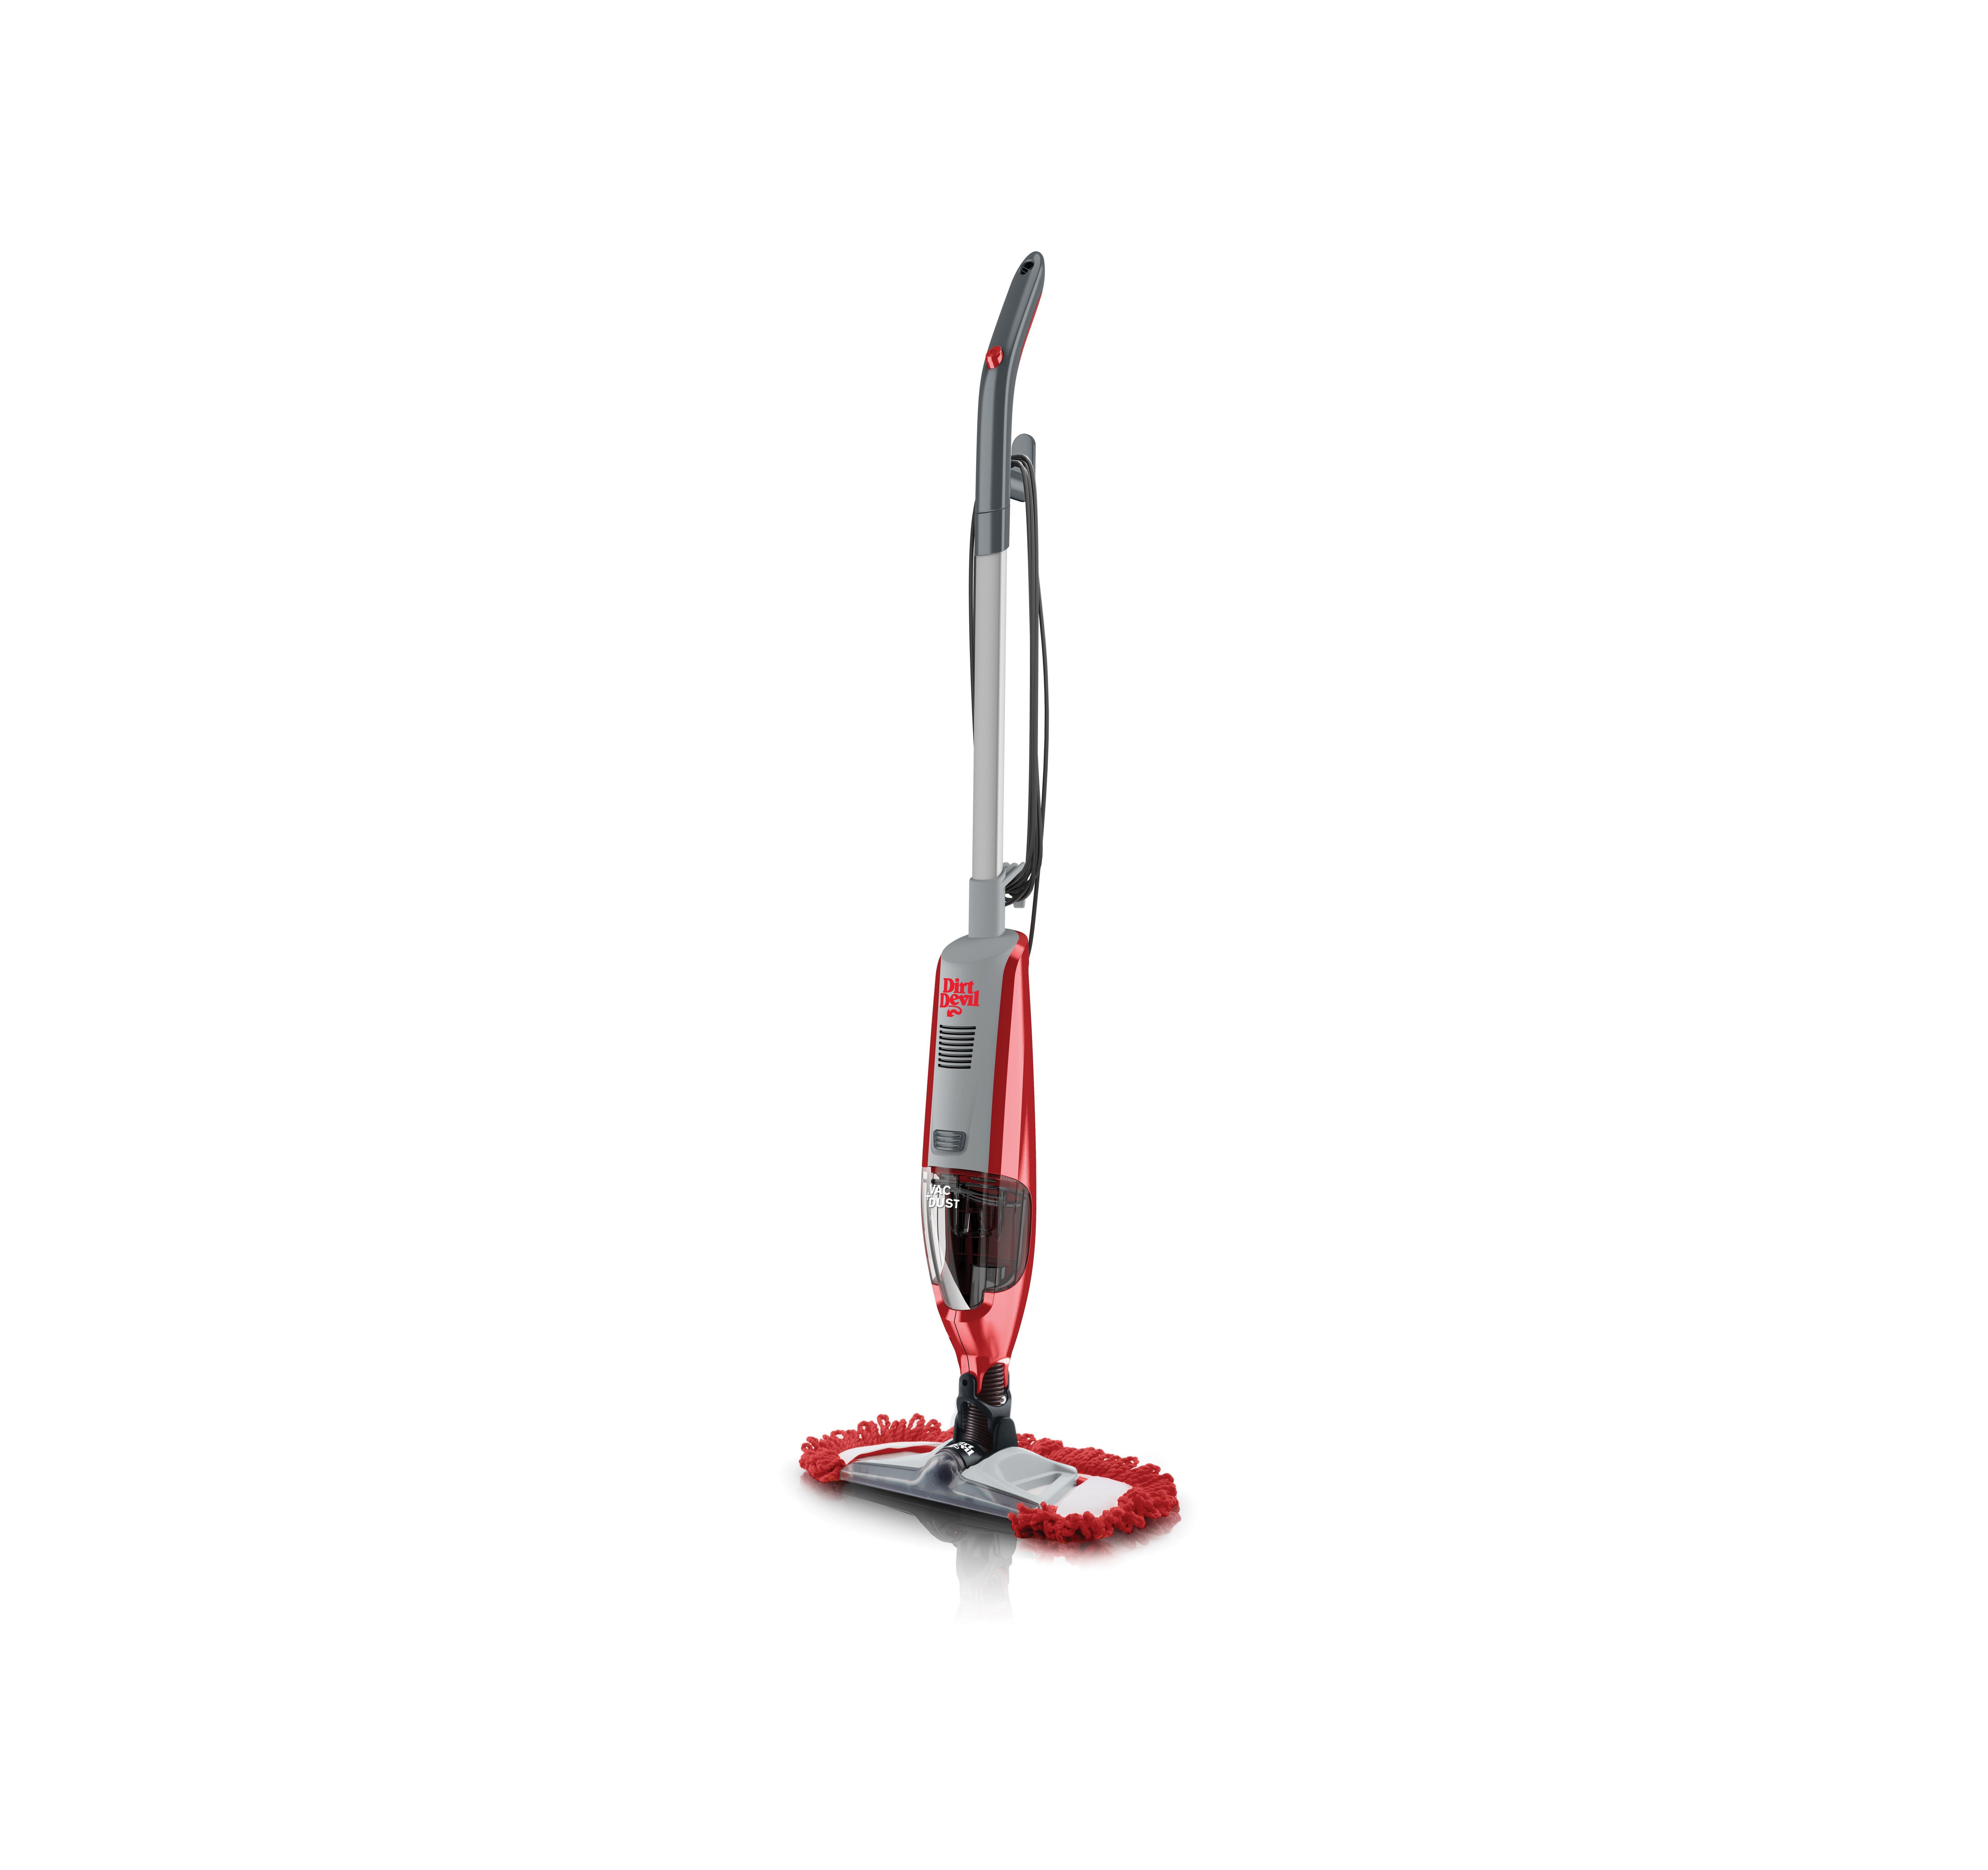 Vac + Dust Corded Stick Vacuum2